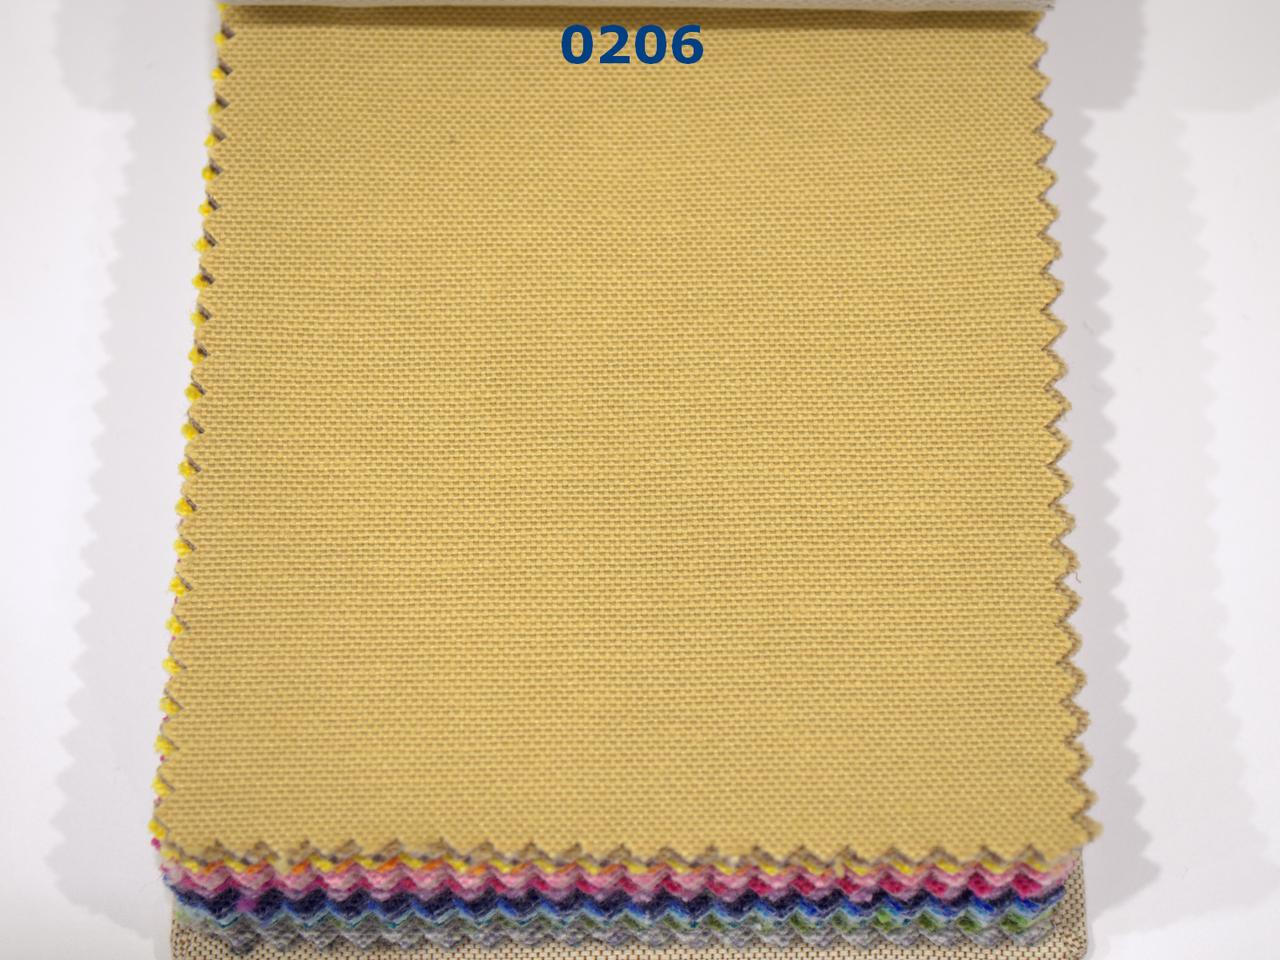 Тканина для Скатертин Бежева з просоченням Тефлон-180 Однотонна Туреччина 180см ширина